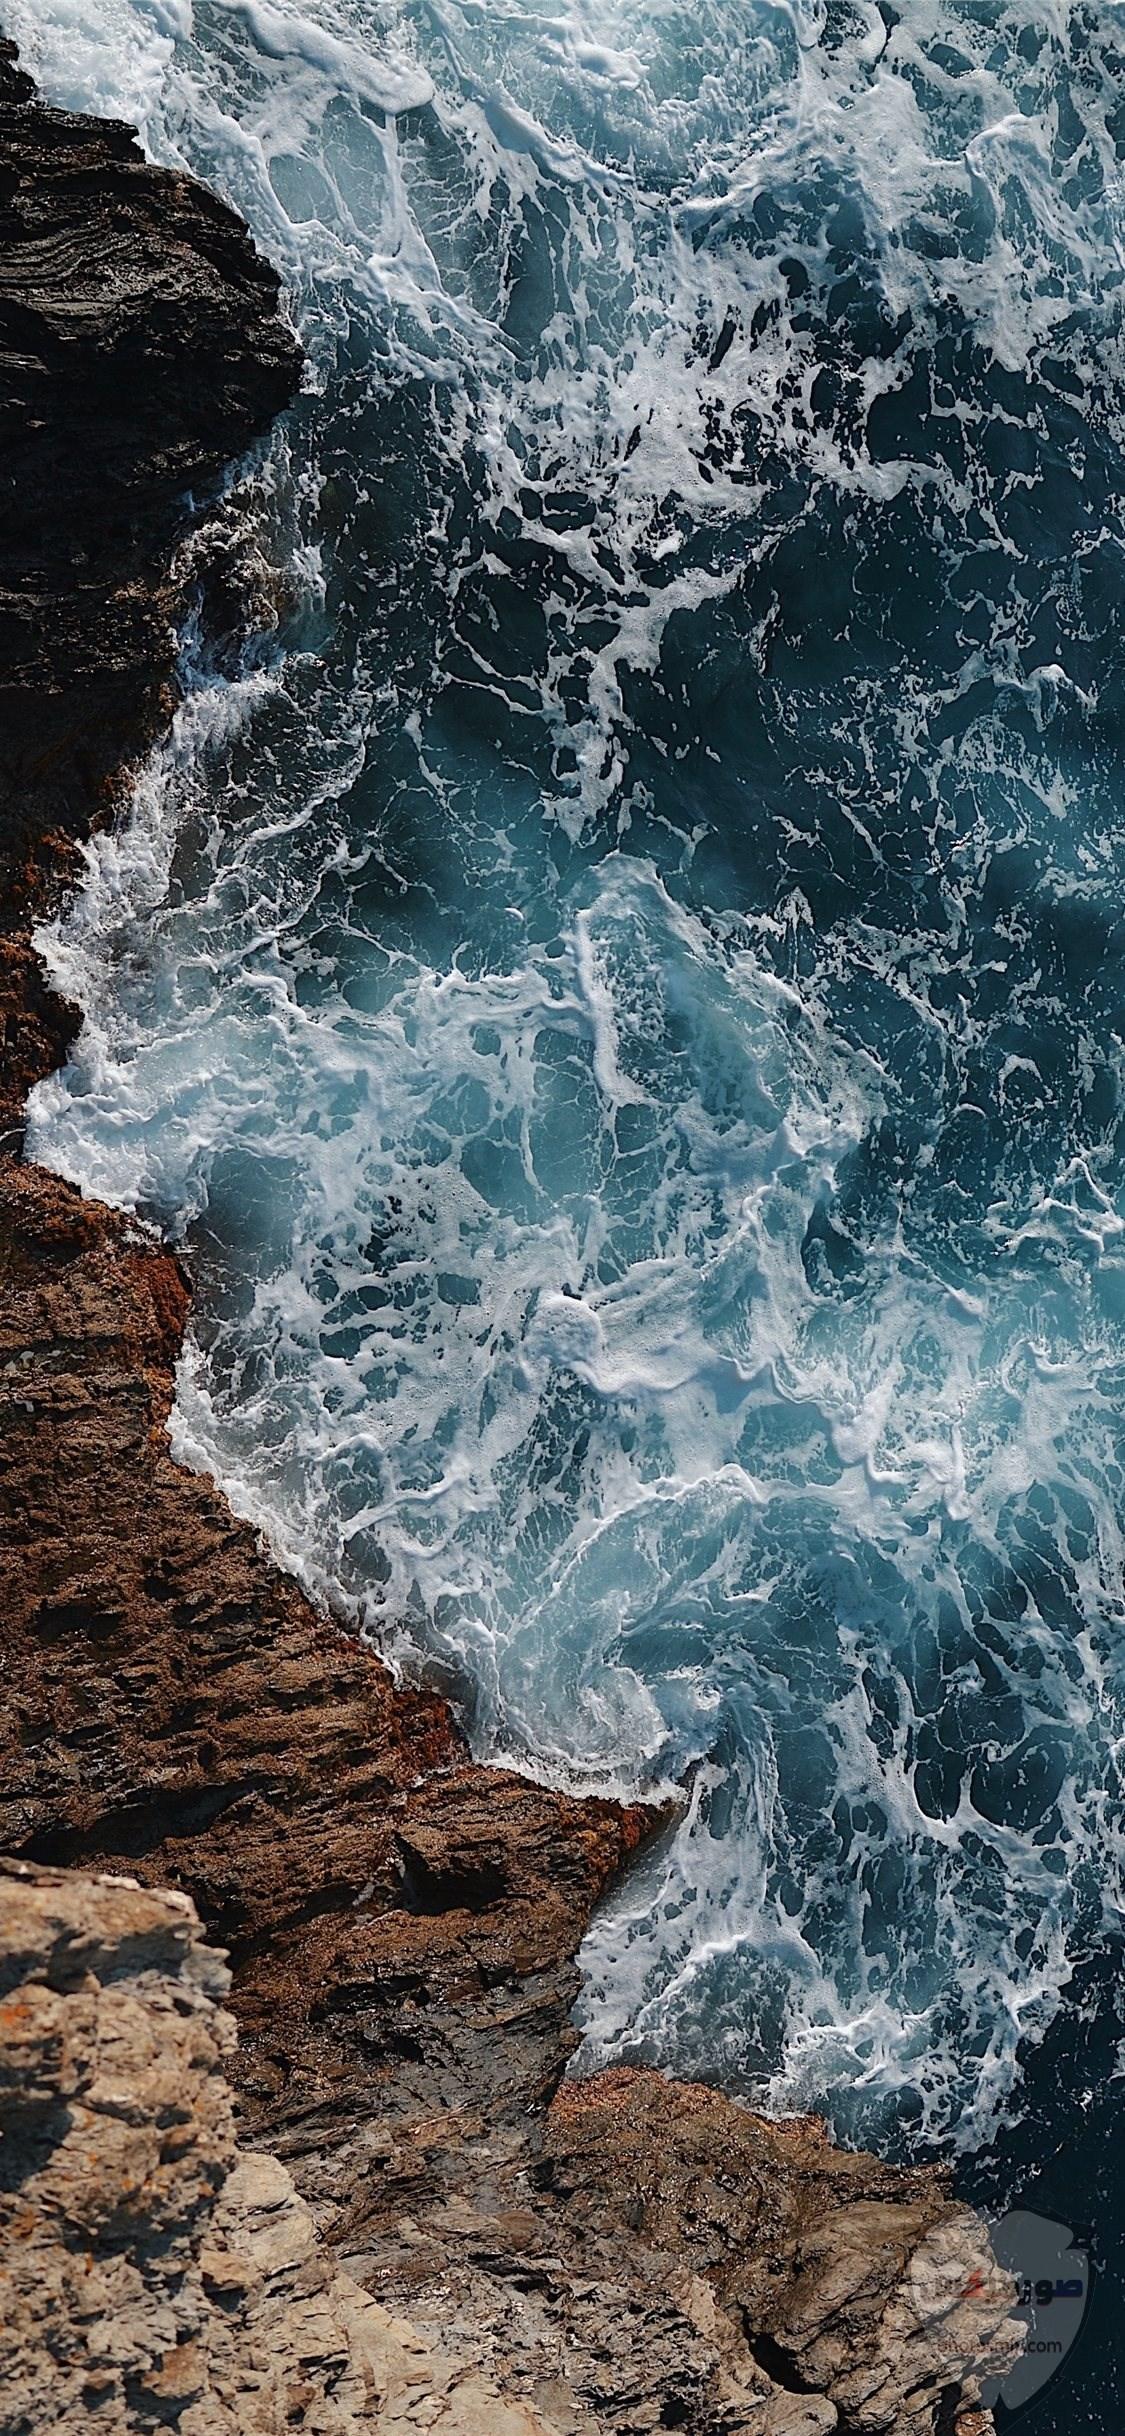 صور بحر وشاطئ صور وخلفيات بحور وشواطئ جميلة اجمل خلفيات بحار جودة عالية 20